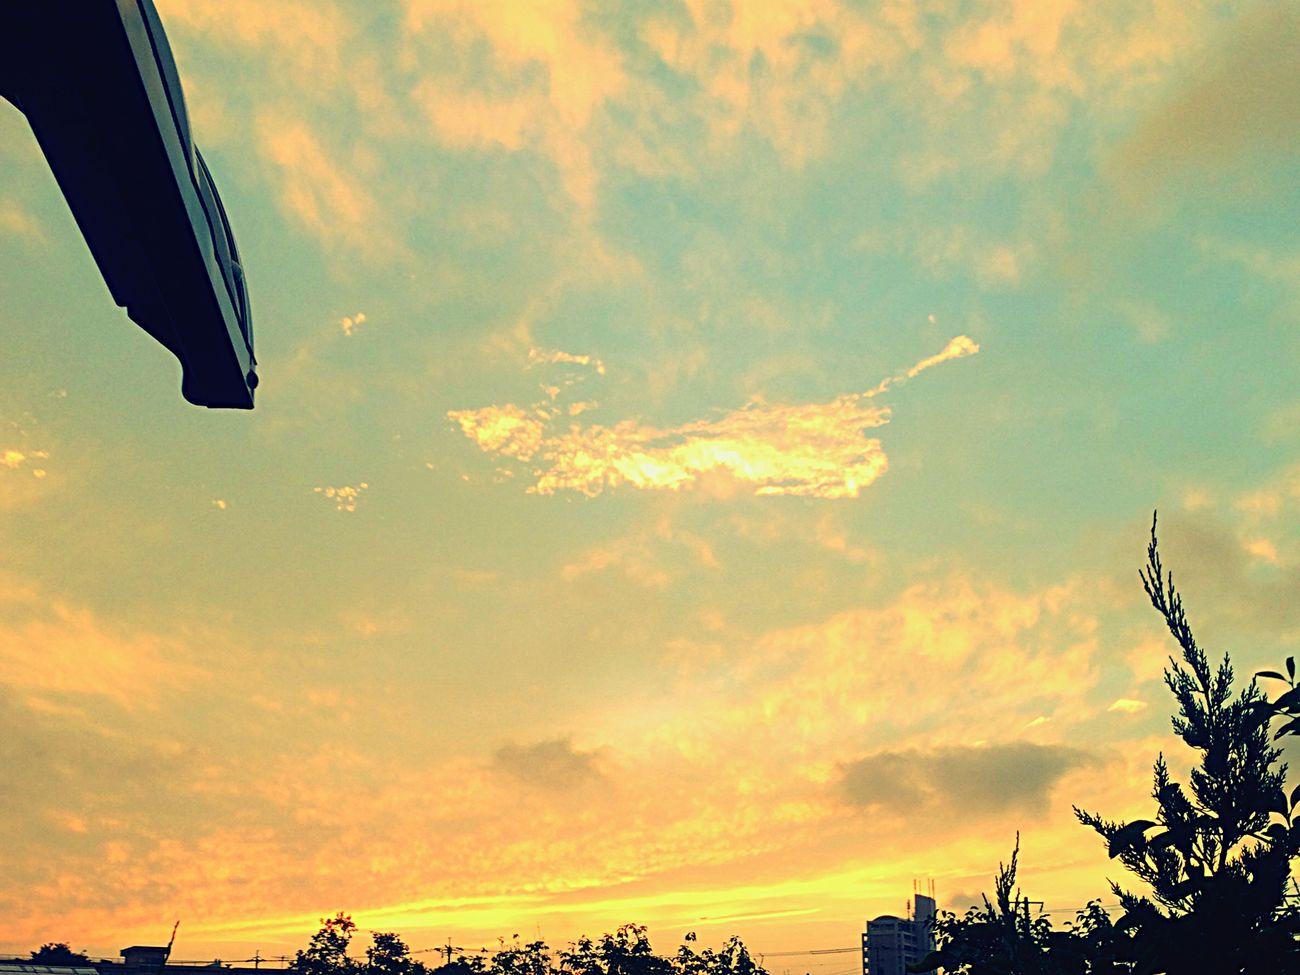 夕陽 Beautiful Summer EyeEm Nature Lover Nature Enjoying Life Sky VariousColors Clouds And Sky